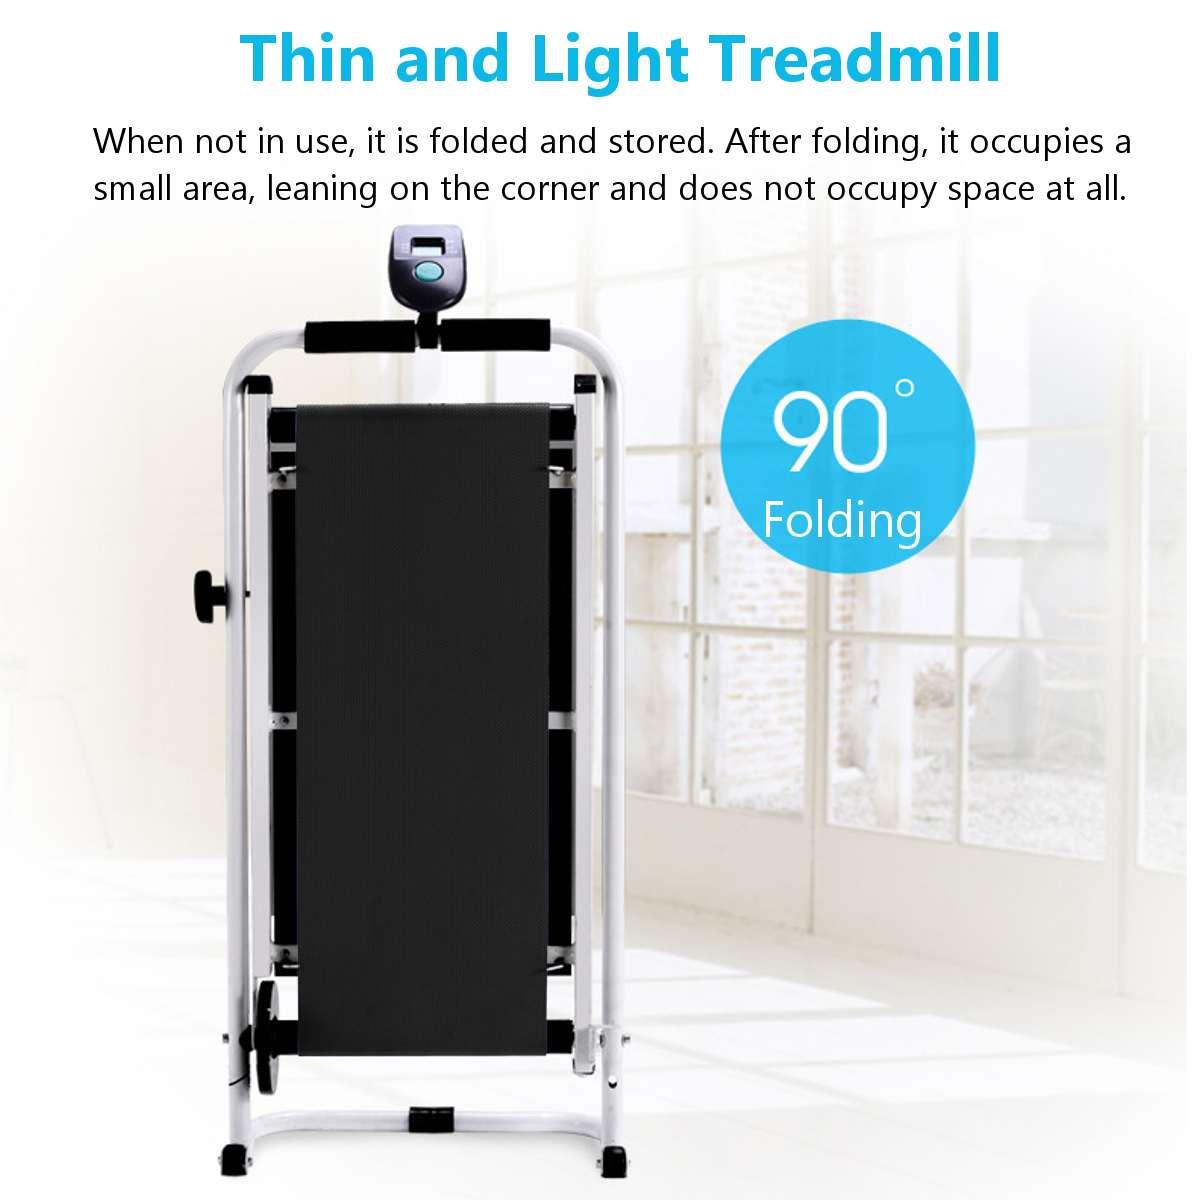 Tapis roulant pliable électrique LED affichage jogging espace marche Machine aérobie Sport Fitness équipement pas d'espace de plancher facile à déplacer - 4